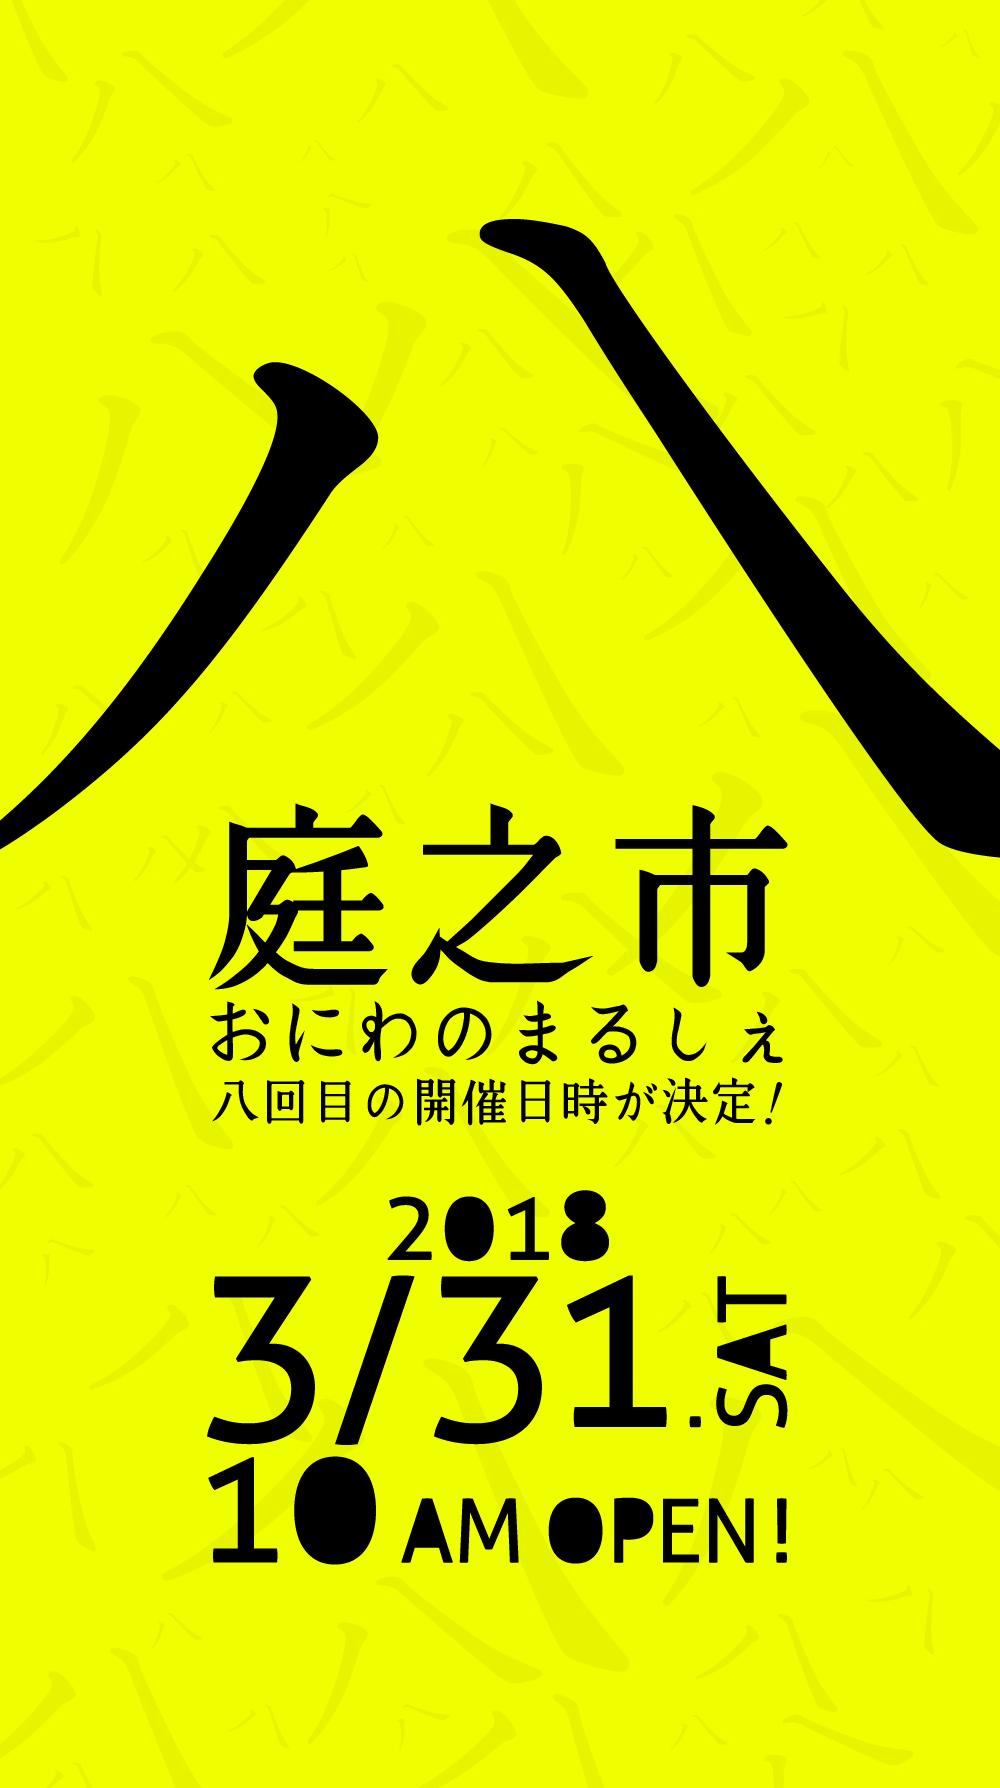 kaisai_kettei3